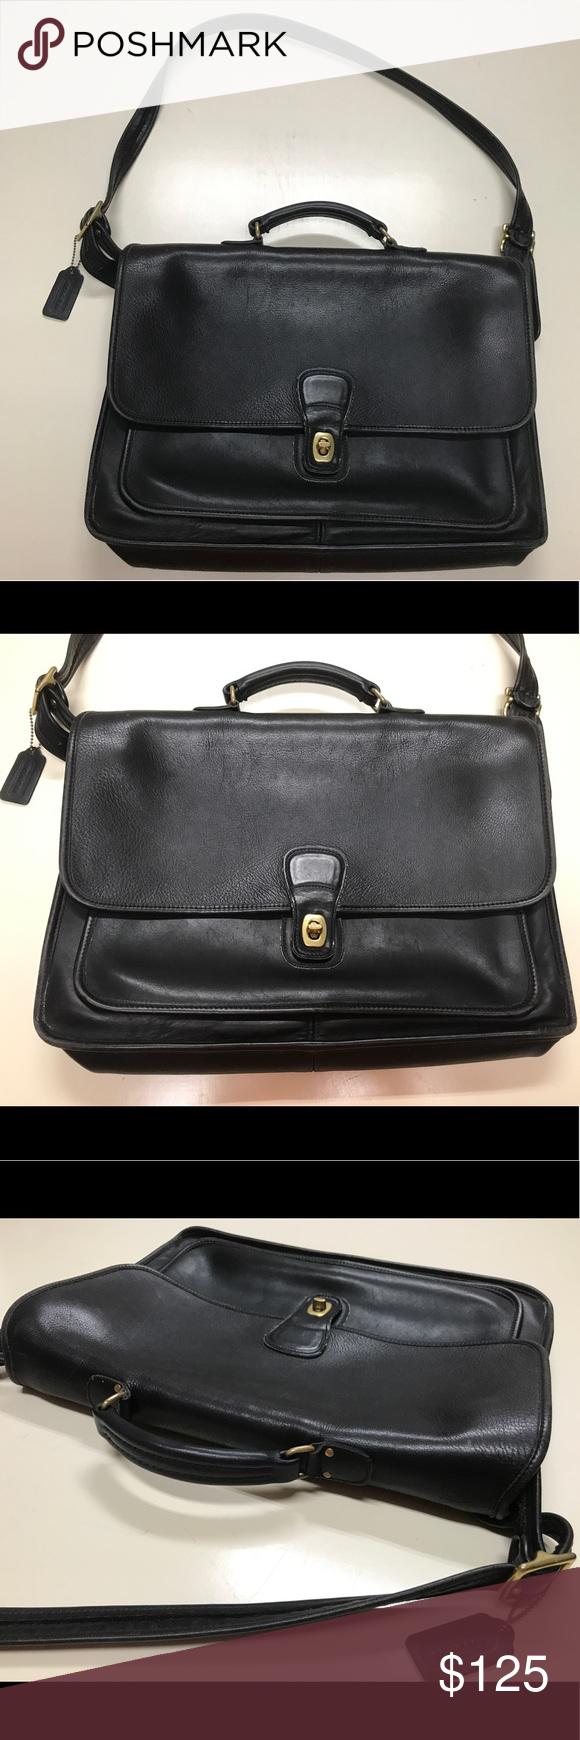 Vintage Coach Black Leather Laptop Bag 5180